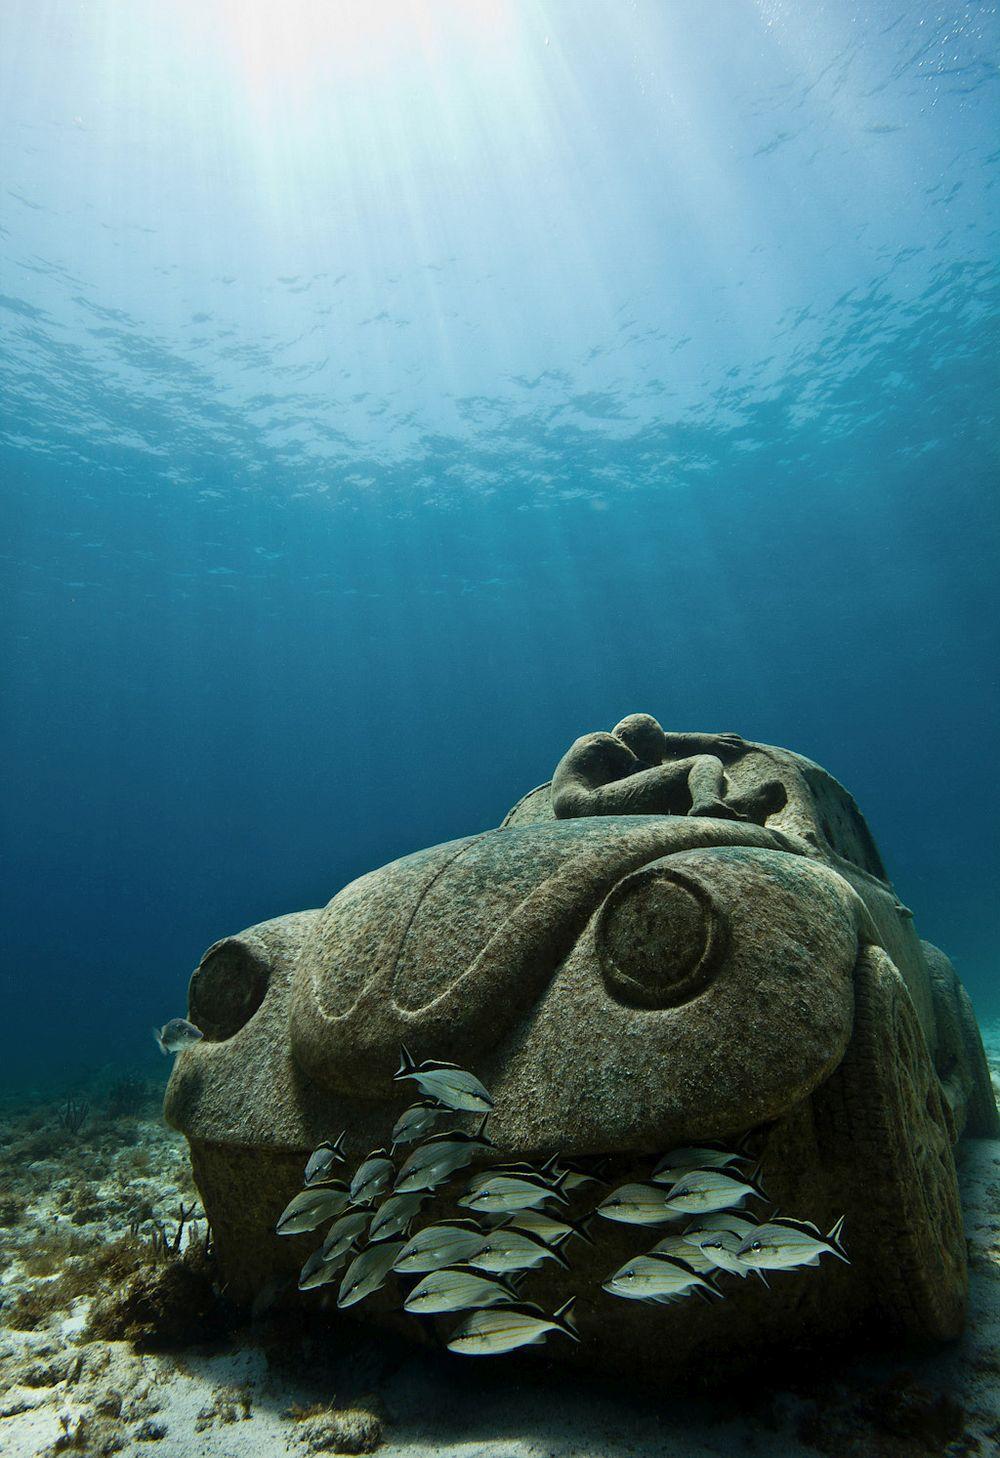 Underwater VW Beetle